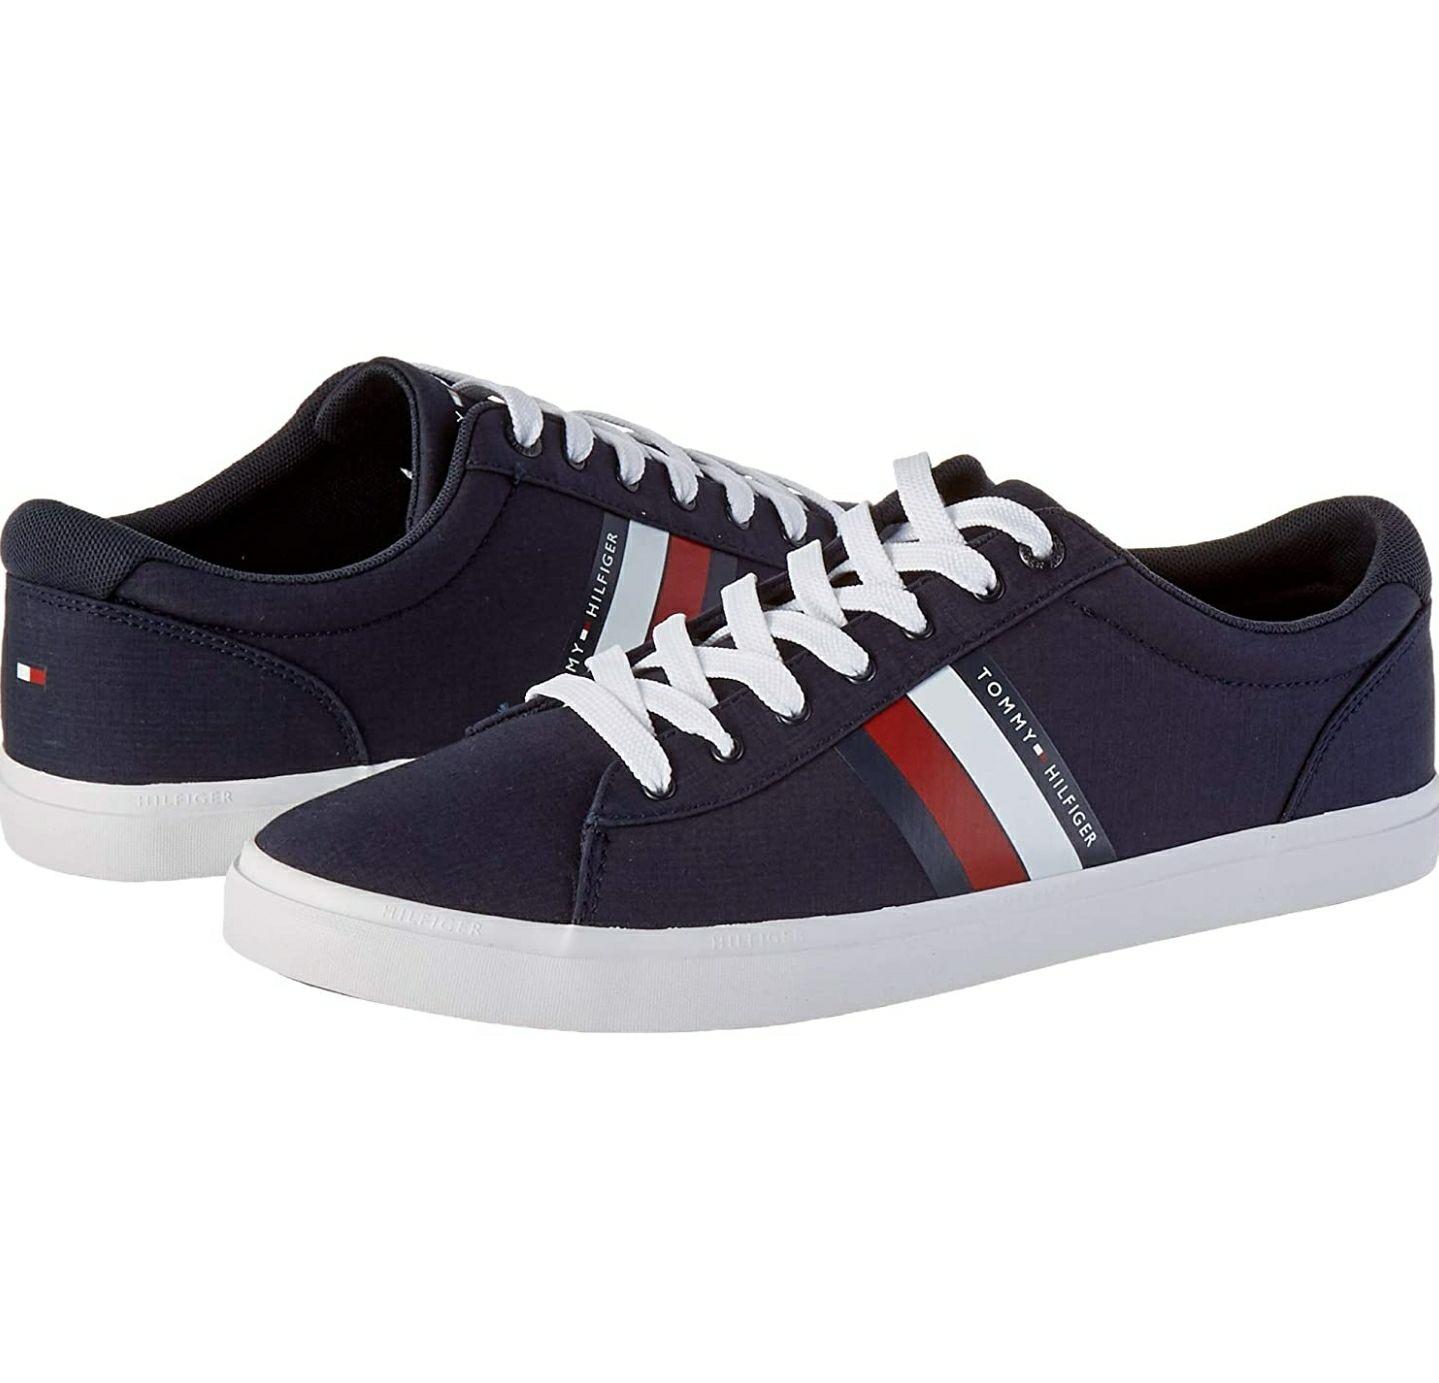 Tommy Hilfiger Essential Stripes Detail Herensneakers vanaf €26.55